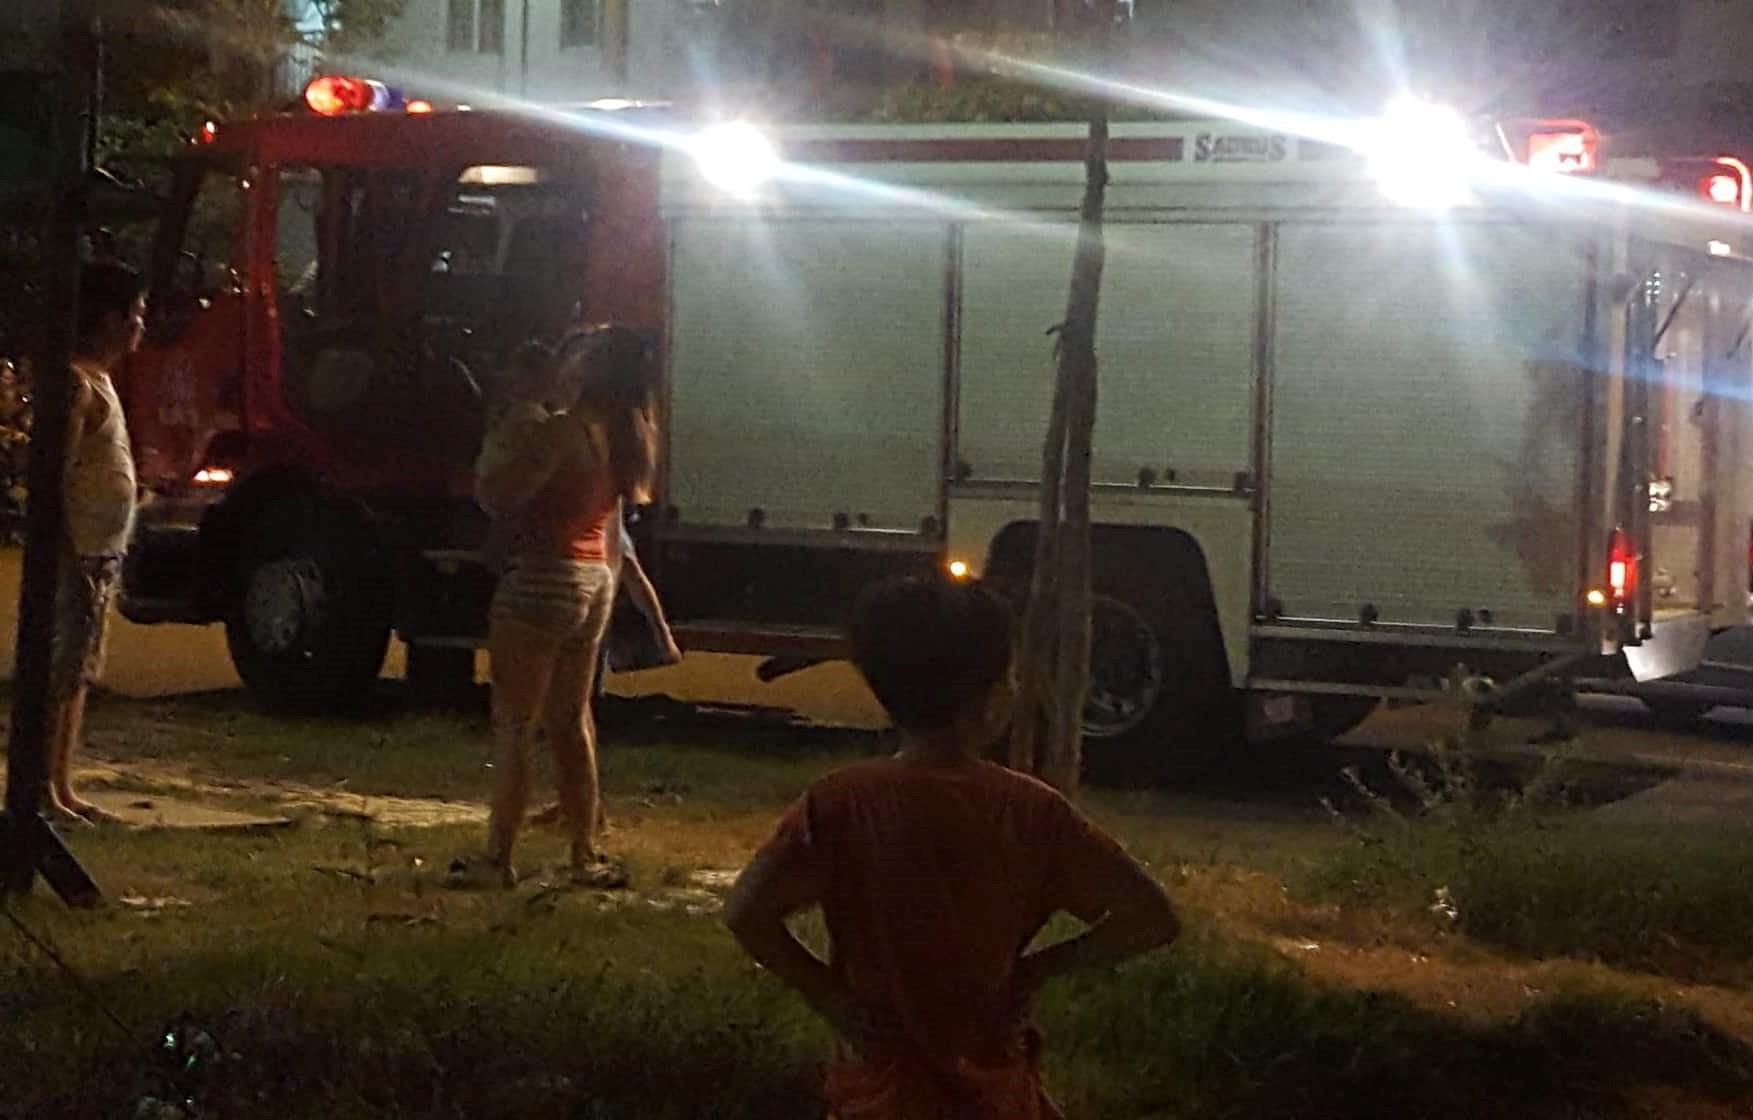 Thắp hương cúng rằm làm chung cư ở Đà Nẵng bốc cháy ngùn ngụt, người dân chạy toán loạn trong đêm-4